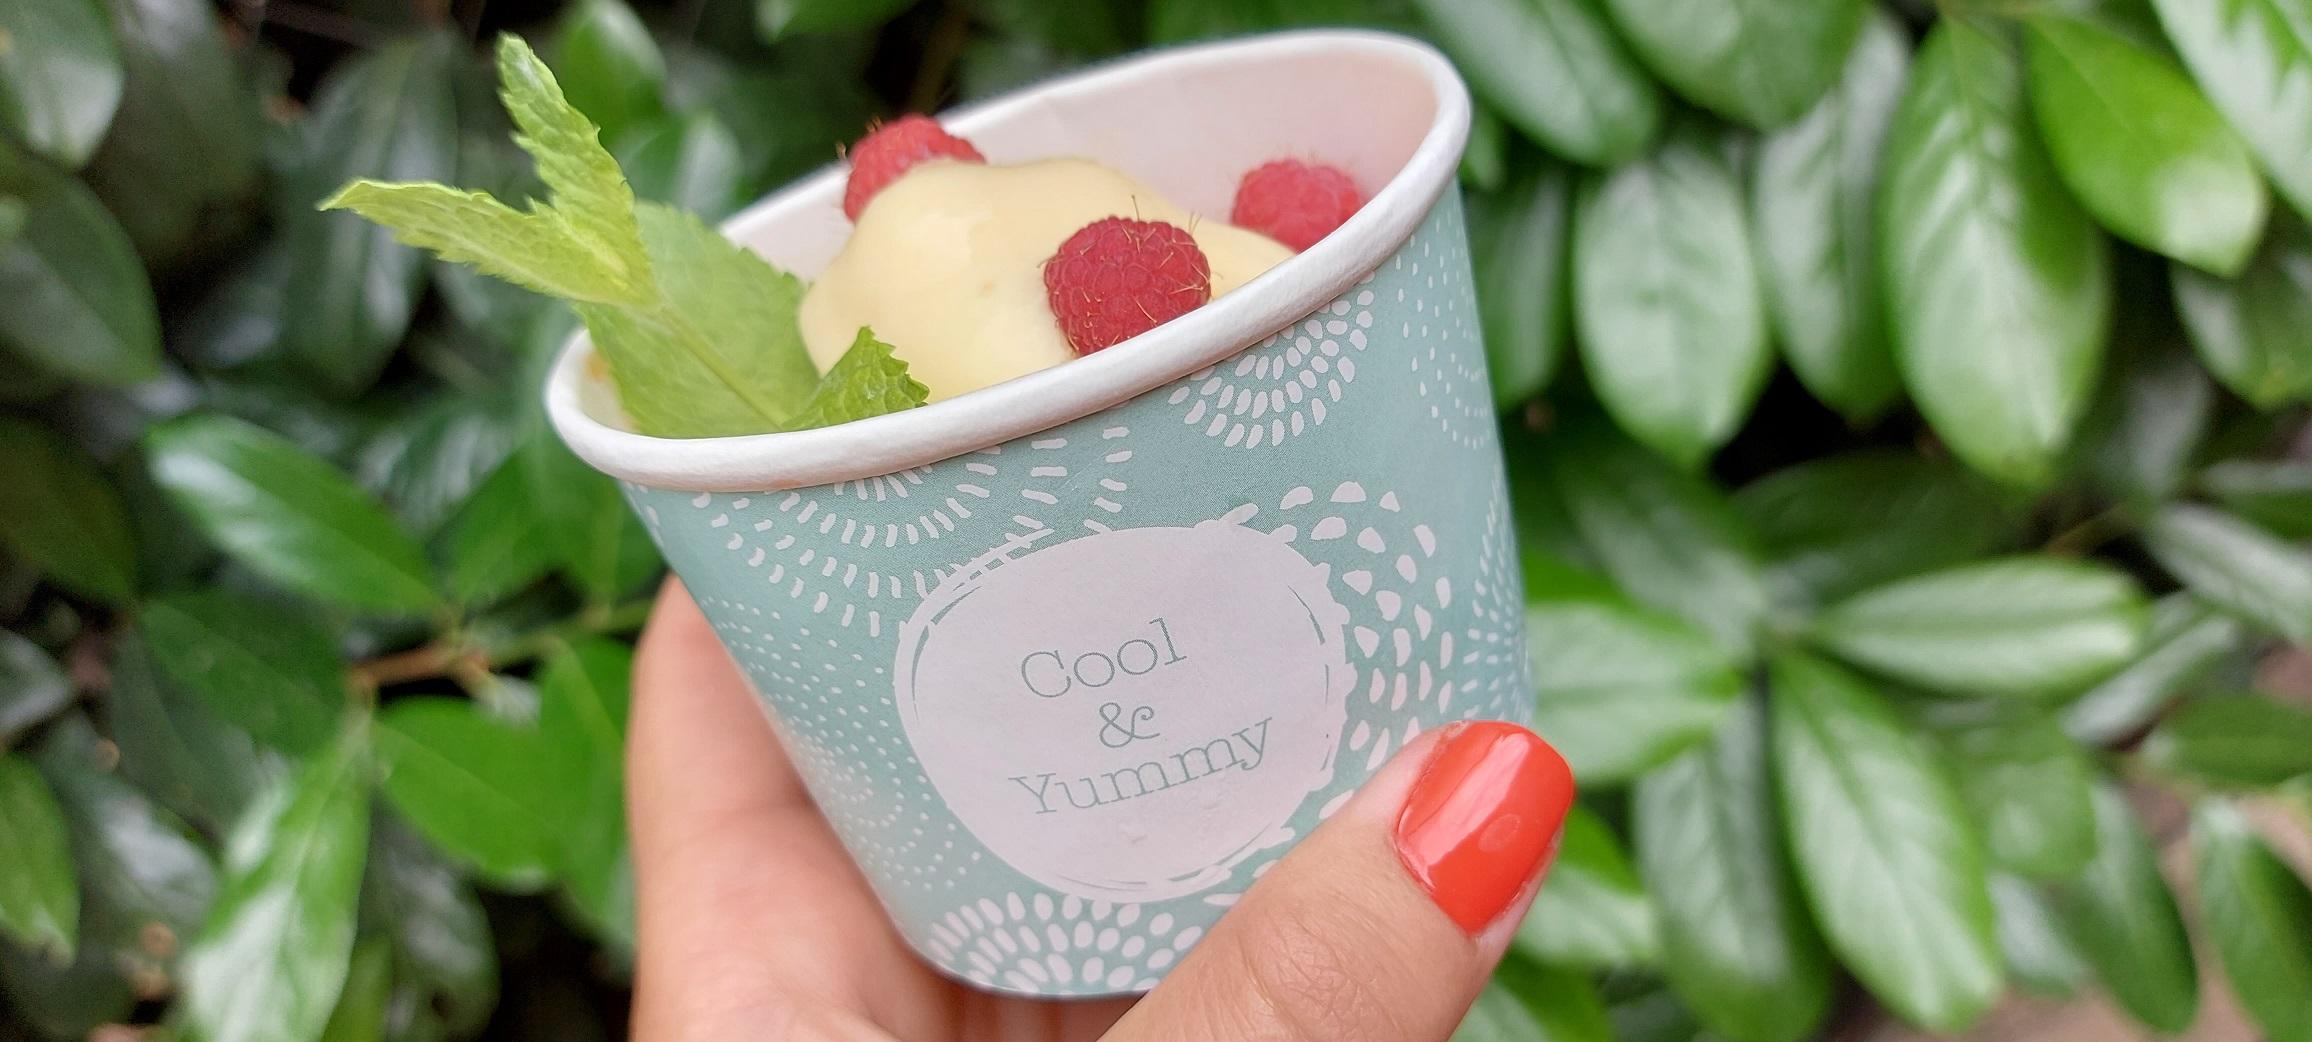 Cukormentes vanília fagyi